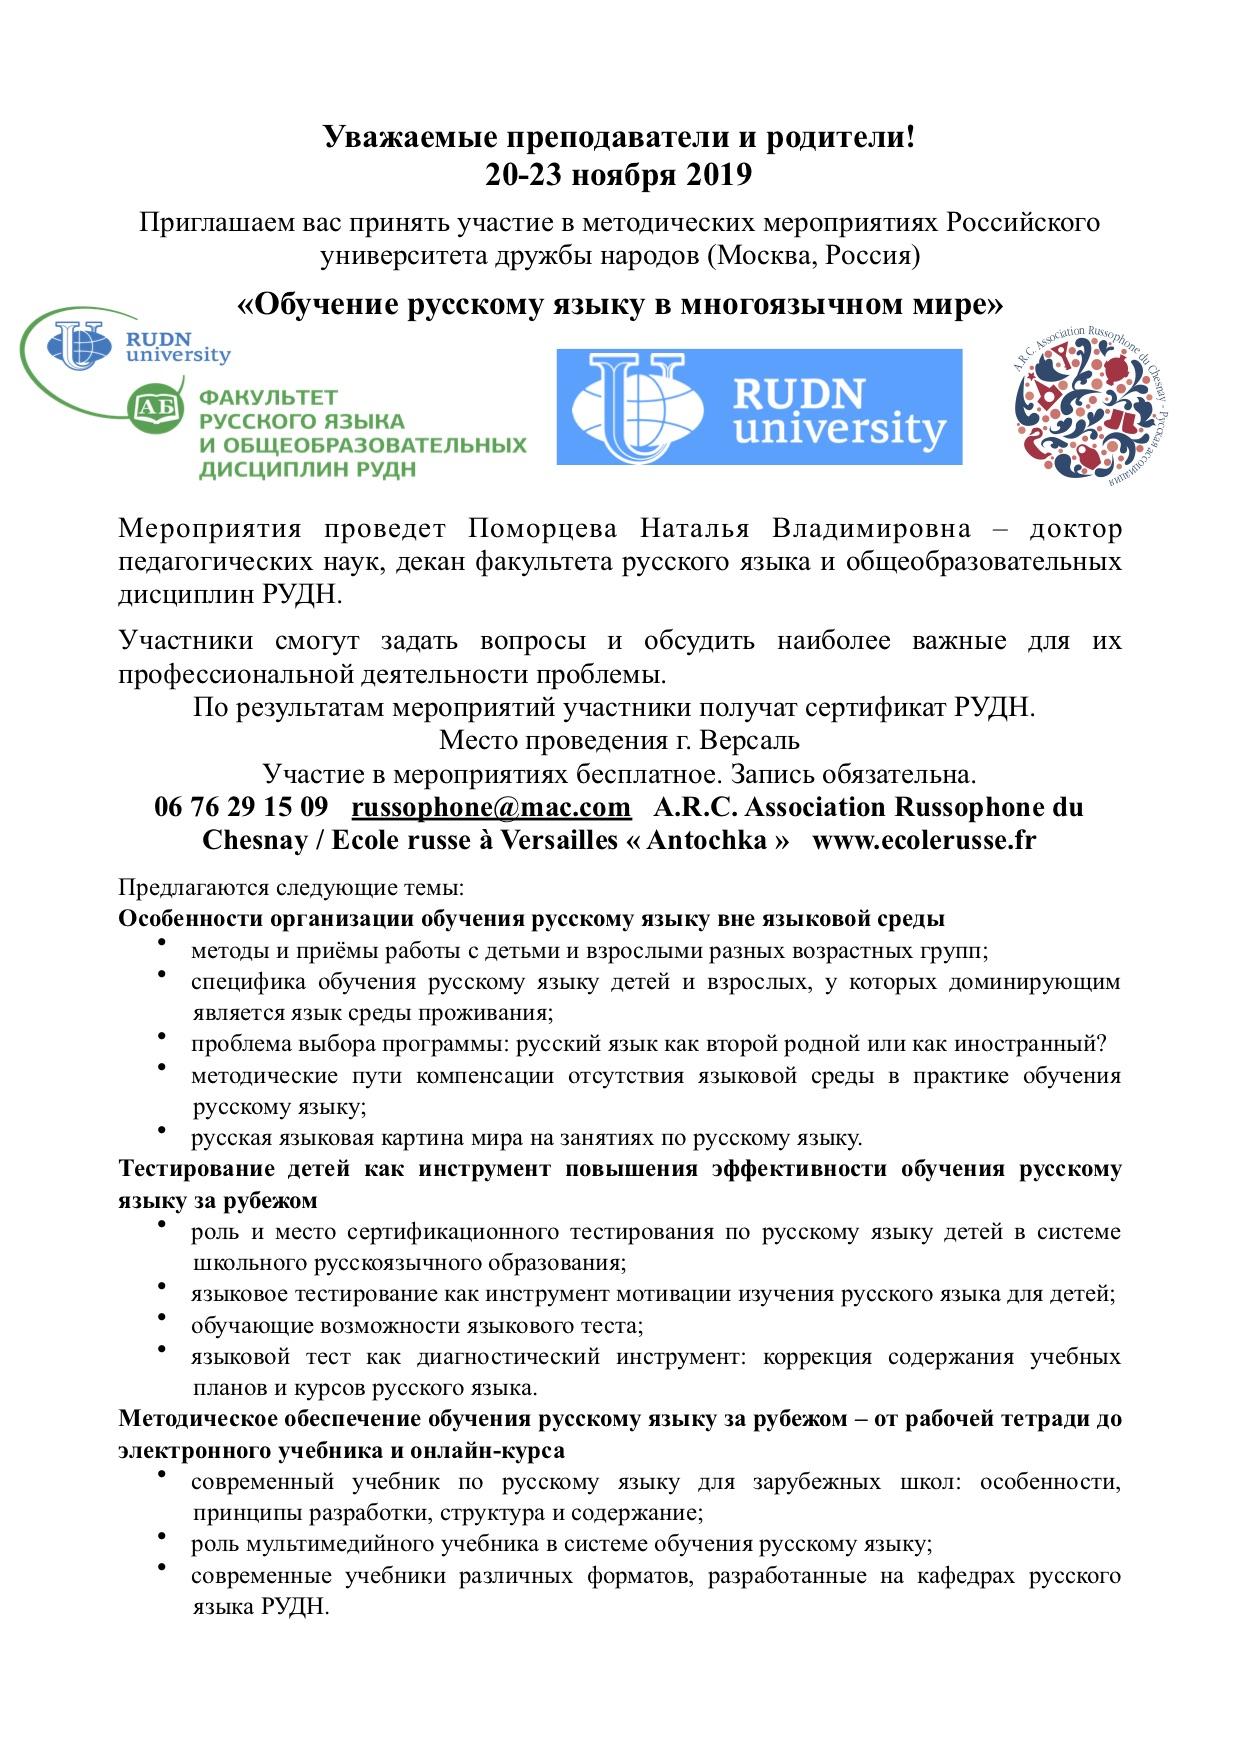 20-23.11.2019 методические мероприятия «Обучение русскому языку в многоязычном мире»